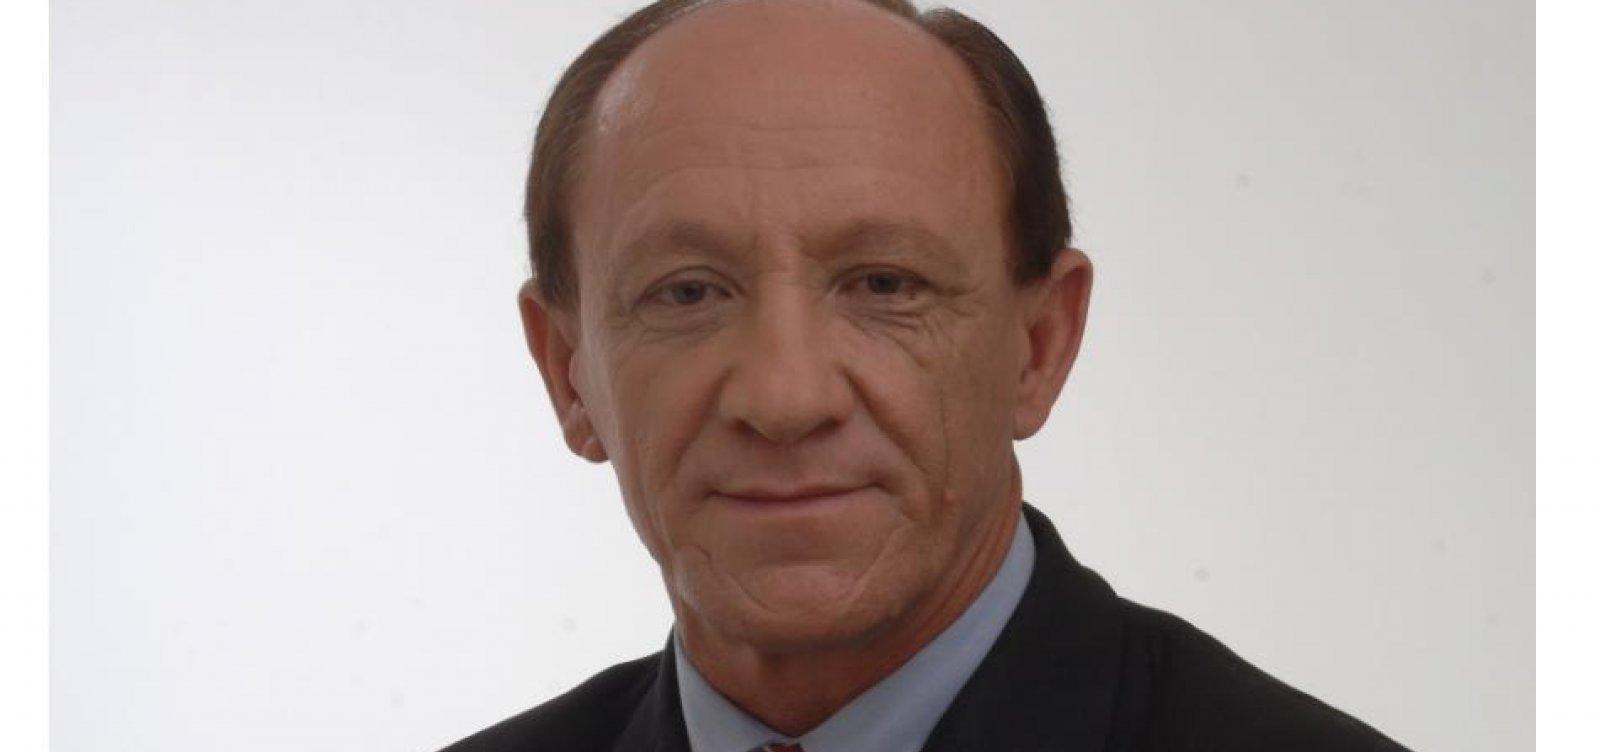 Após três procedimentos cardíacos, deputado Carlos Ubaldino se recupera em UTI